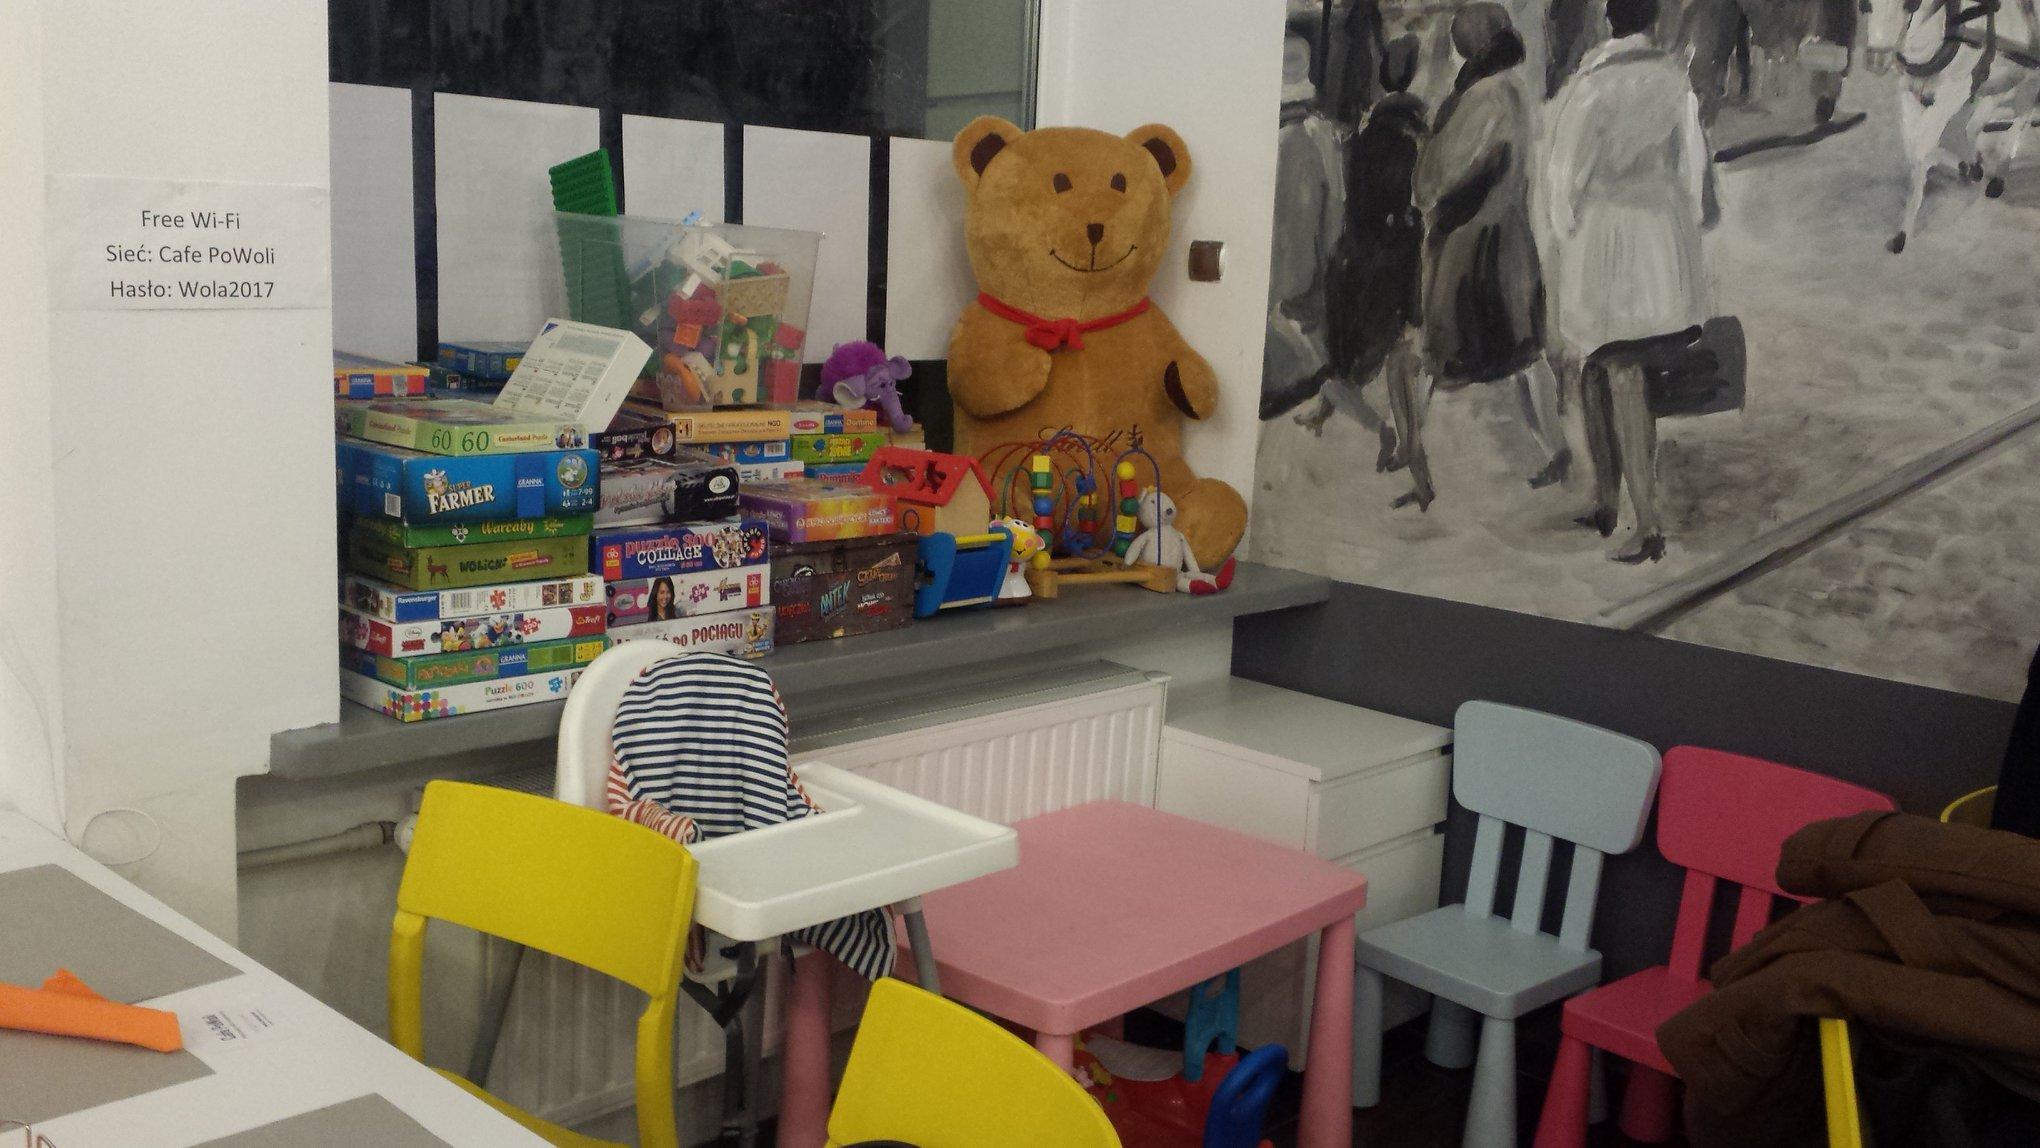 Step in Warsaw - Stadtführerin in Warschau. Ein gemütliches (auch für Kinder:)) Kulturcafé Café PoWoli (Warschau, Smocza Straße Nr 3). Es is ein stimmungsvoller Platz mit gesellschaftlichen Werten, der Behinderte einstellt. Man sollte solche Projekte unterstützen!